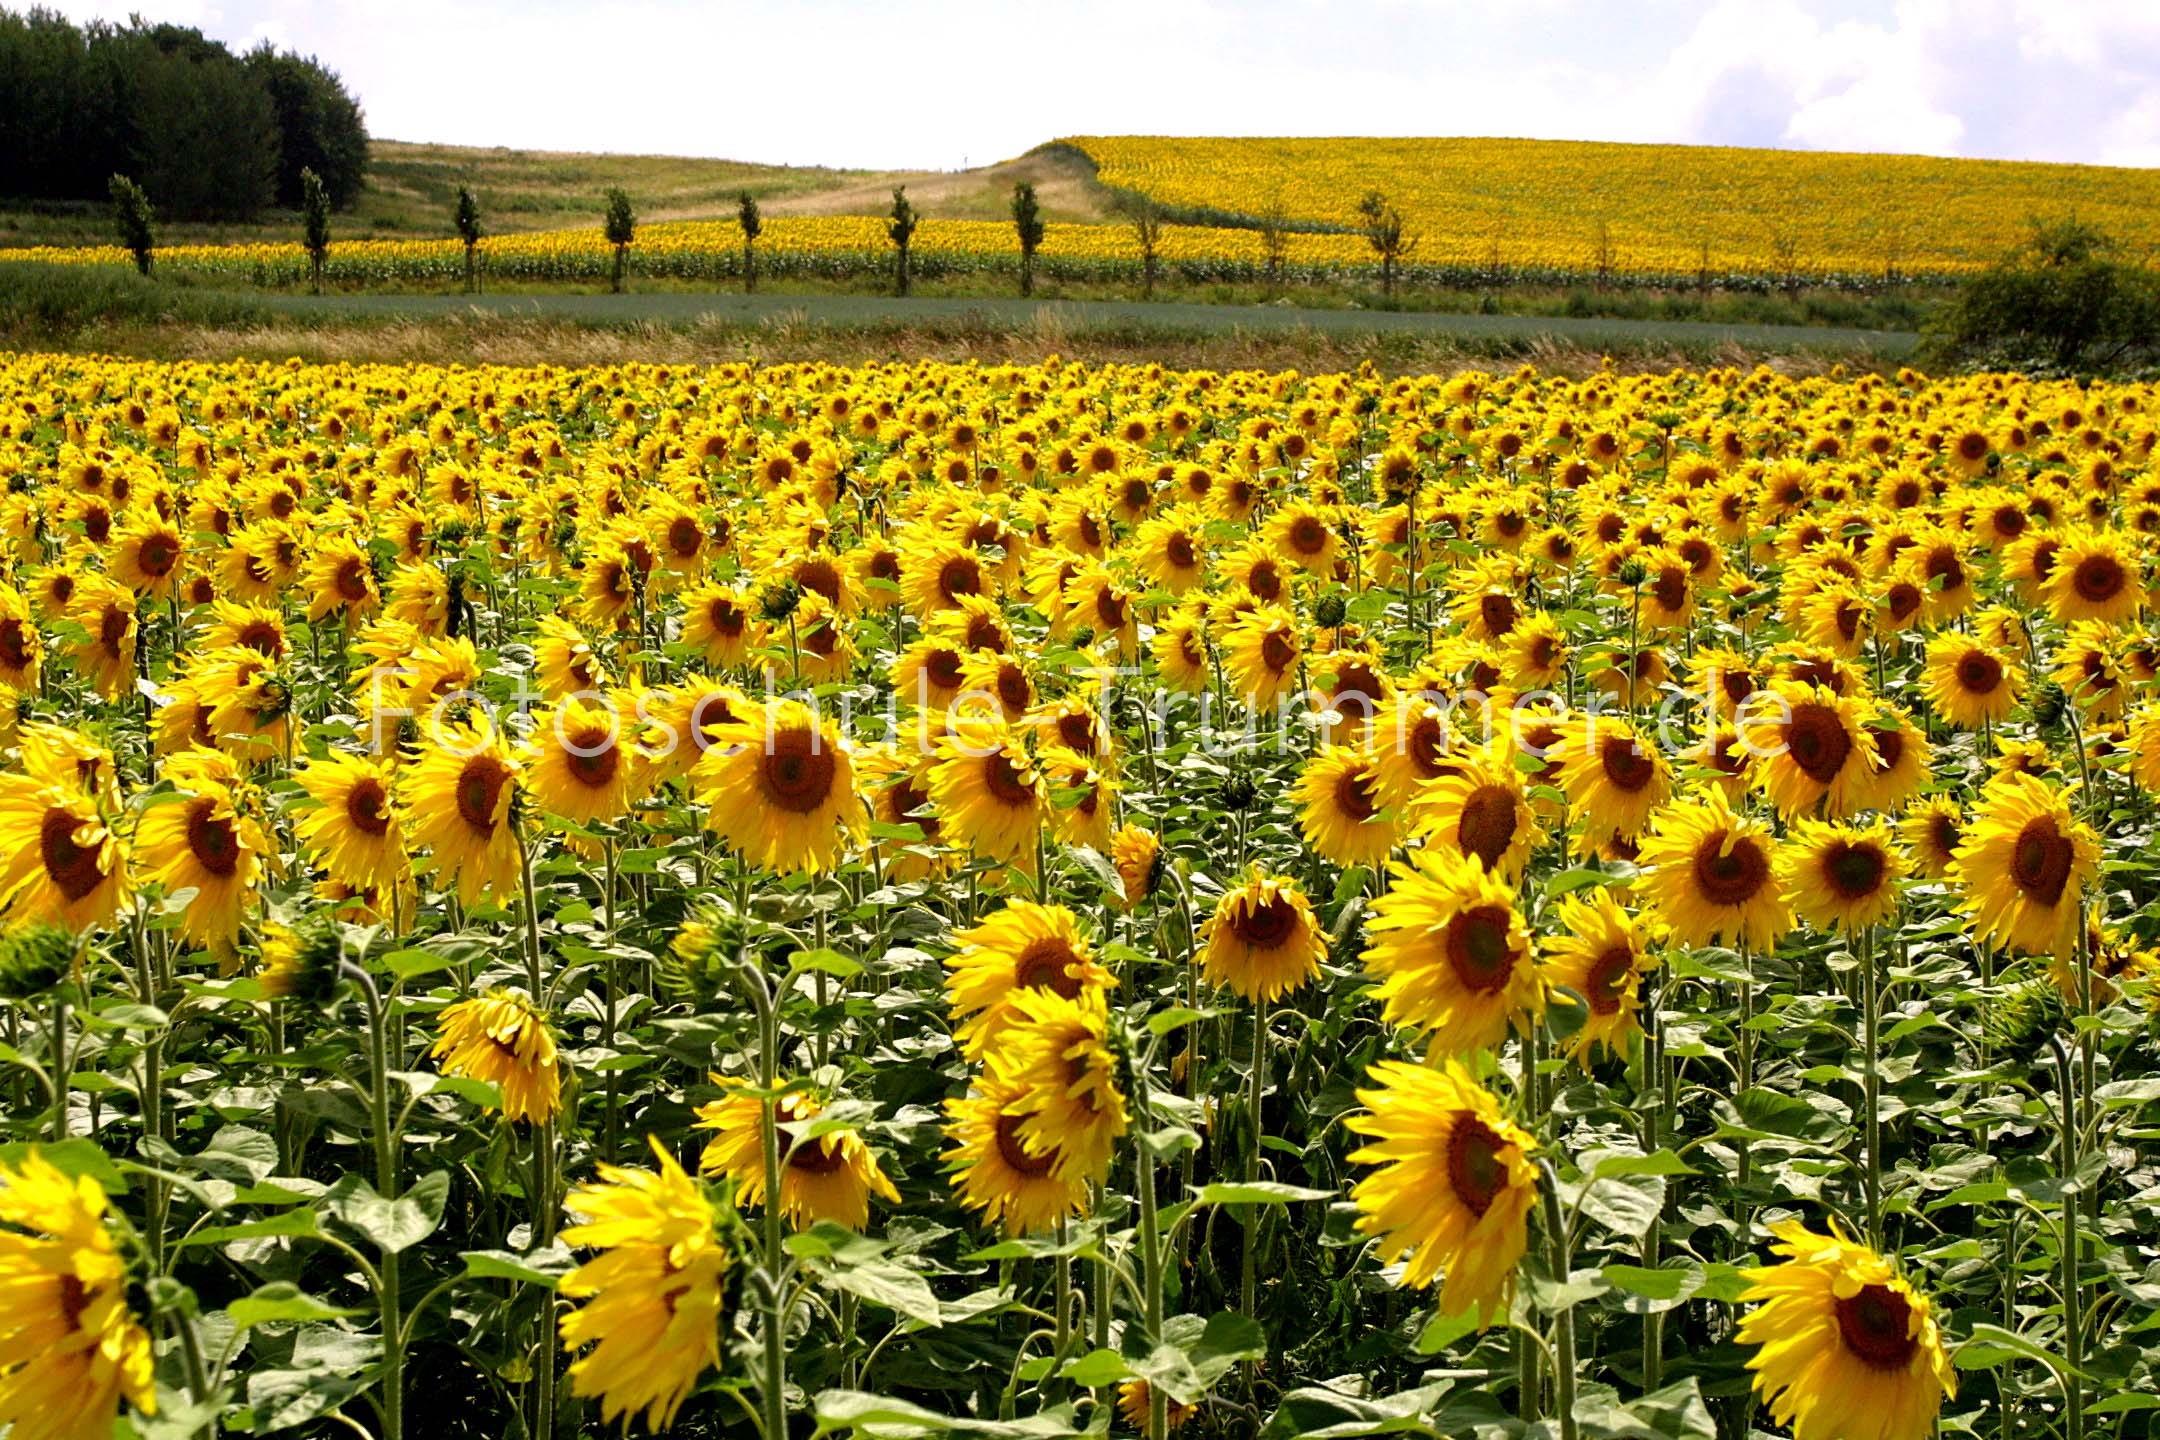 Sonnenblumen 3genial